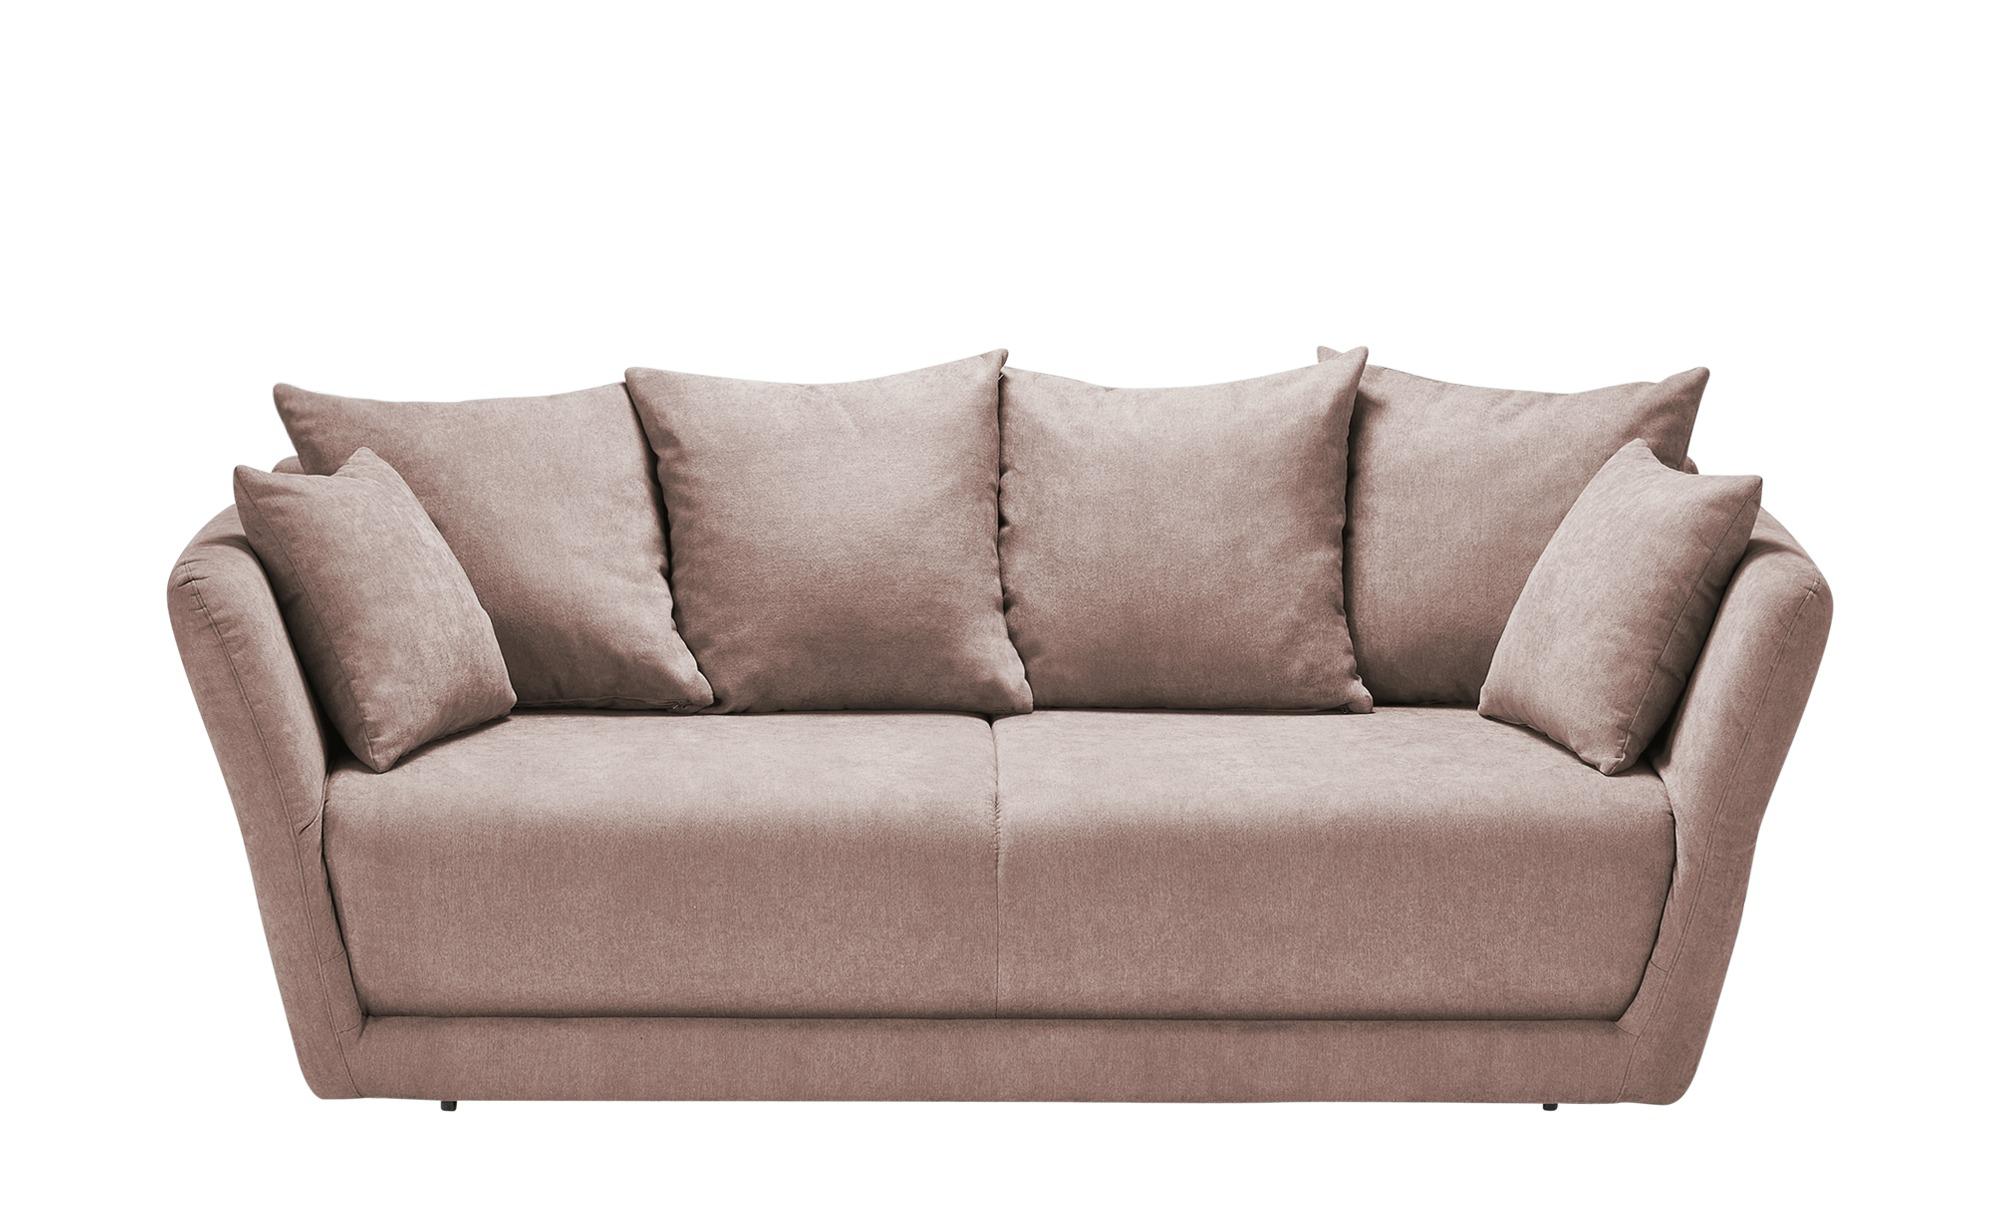 Schlafsofa  Vevi ¦ rosa/pink ¦ Maße (cm): B: 210 H: 83 T: 98 Polstermöbel > Sofas > Einzelsofas - Höffner